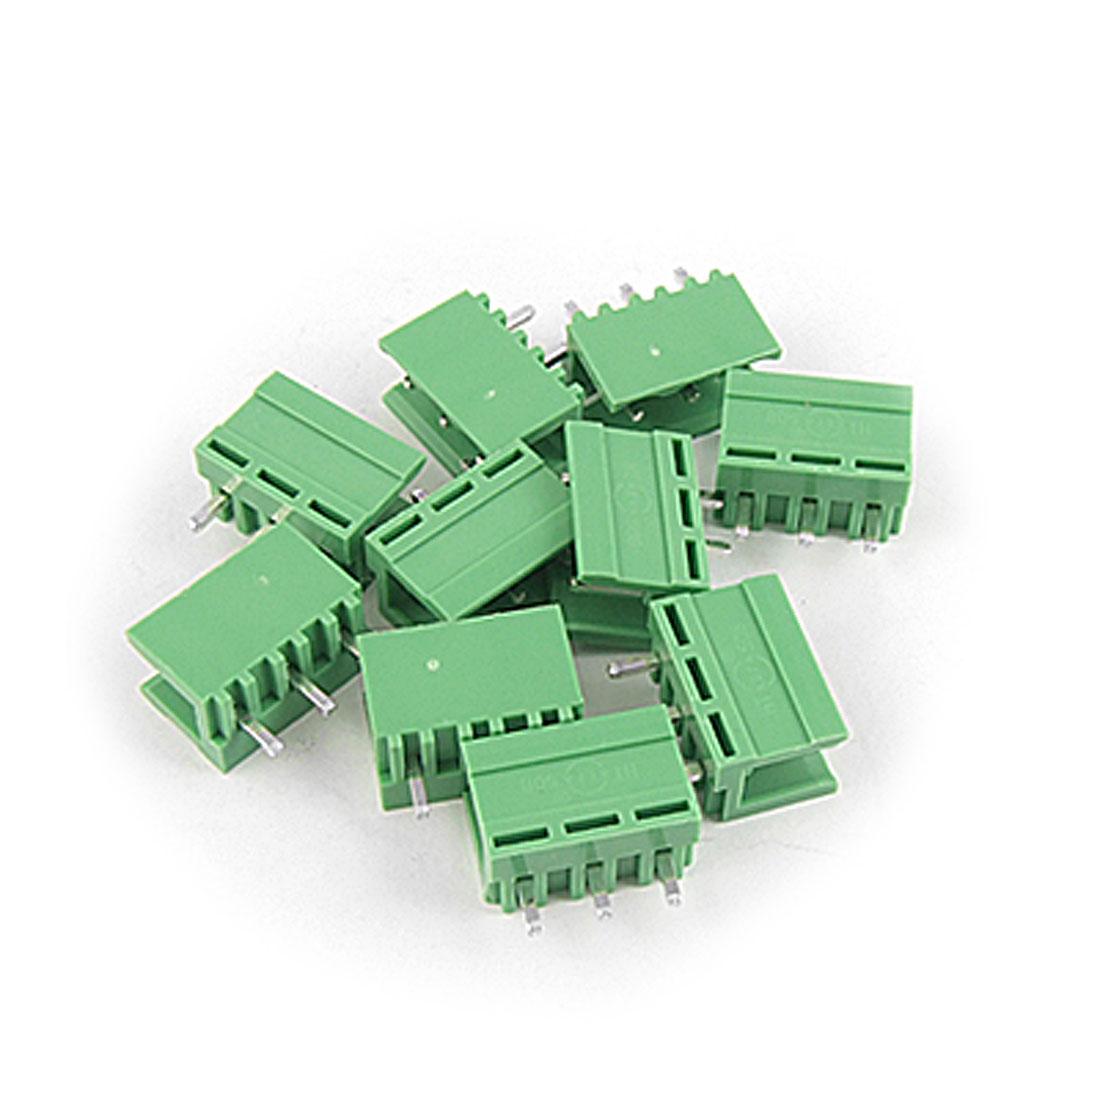 10 Pcs 3P 5.08mm Pitch PCB Pluggable Terminal Block AC 220V